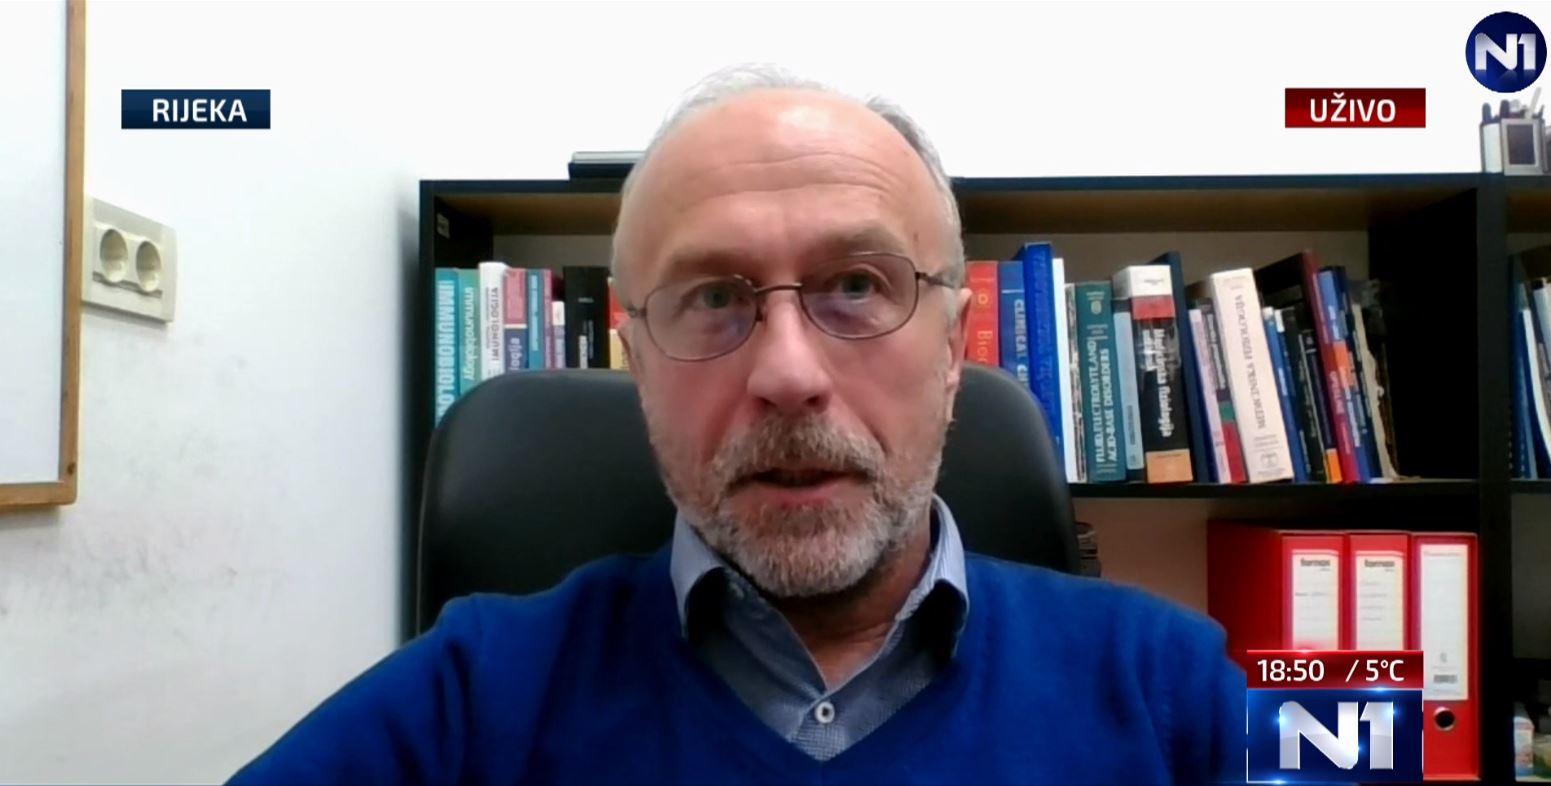 POZADINA DRAME OKO CJEPIVA MOGAO BI BITI EKONOMSKI MOMENT: Imunolog otkrio hoće li kašnjenje cjepiva ostaviti posljedice u Hrvatskoj